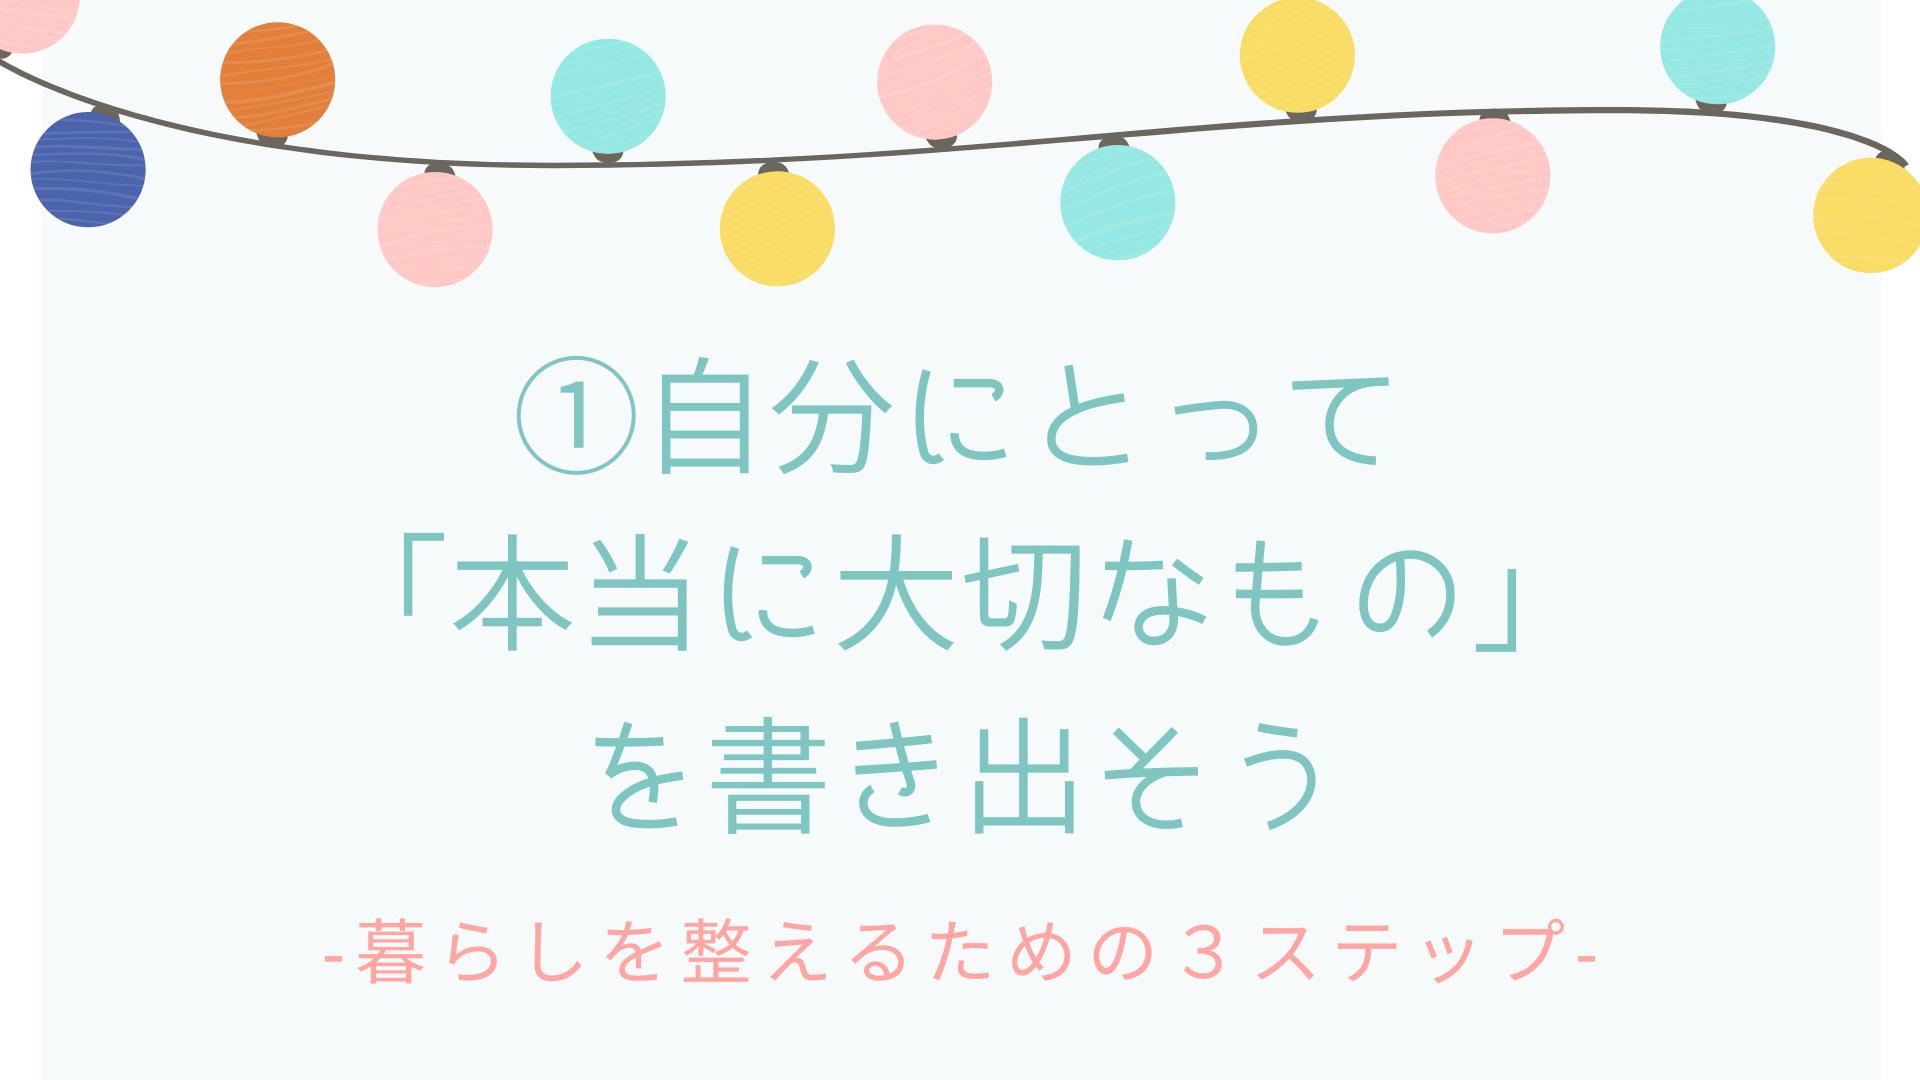 【ワーク】暮らしを整えるための3ステップ①